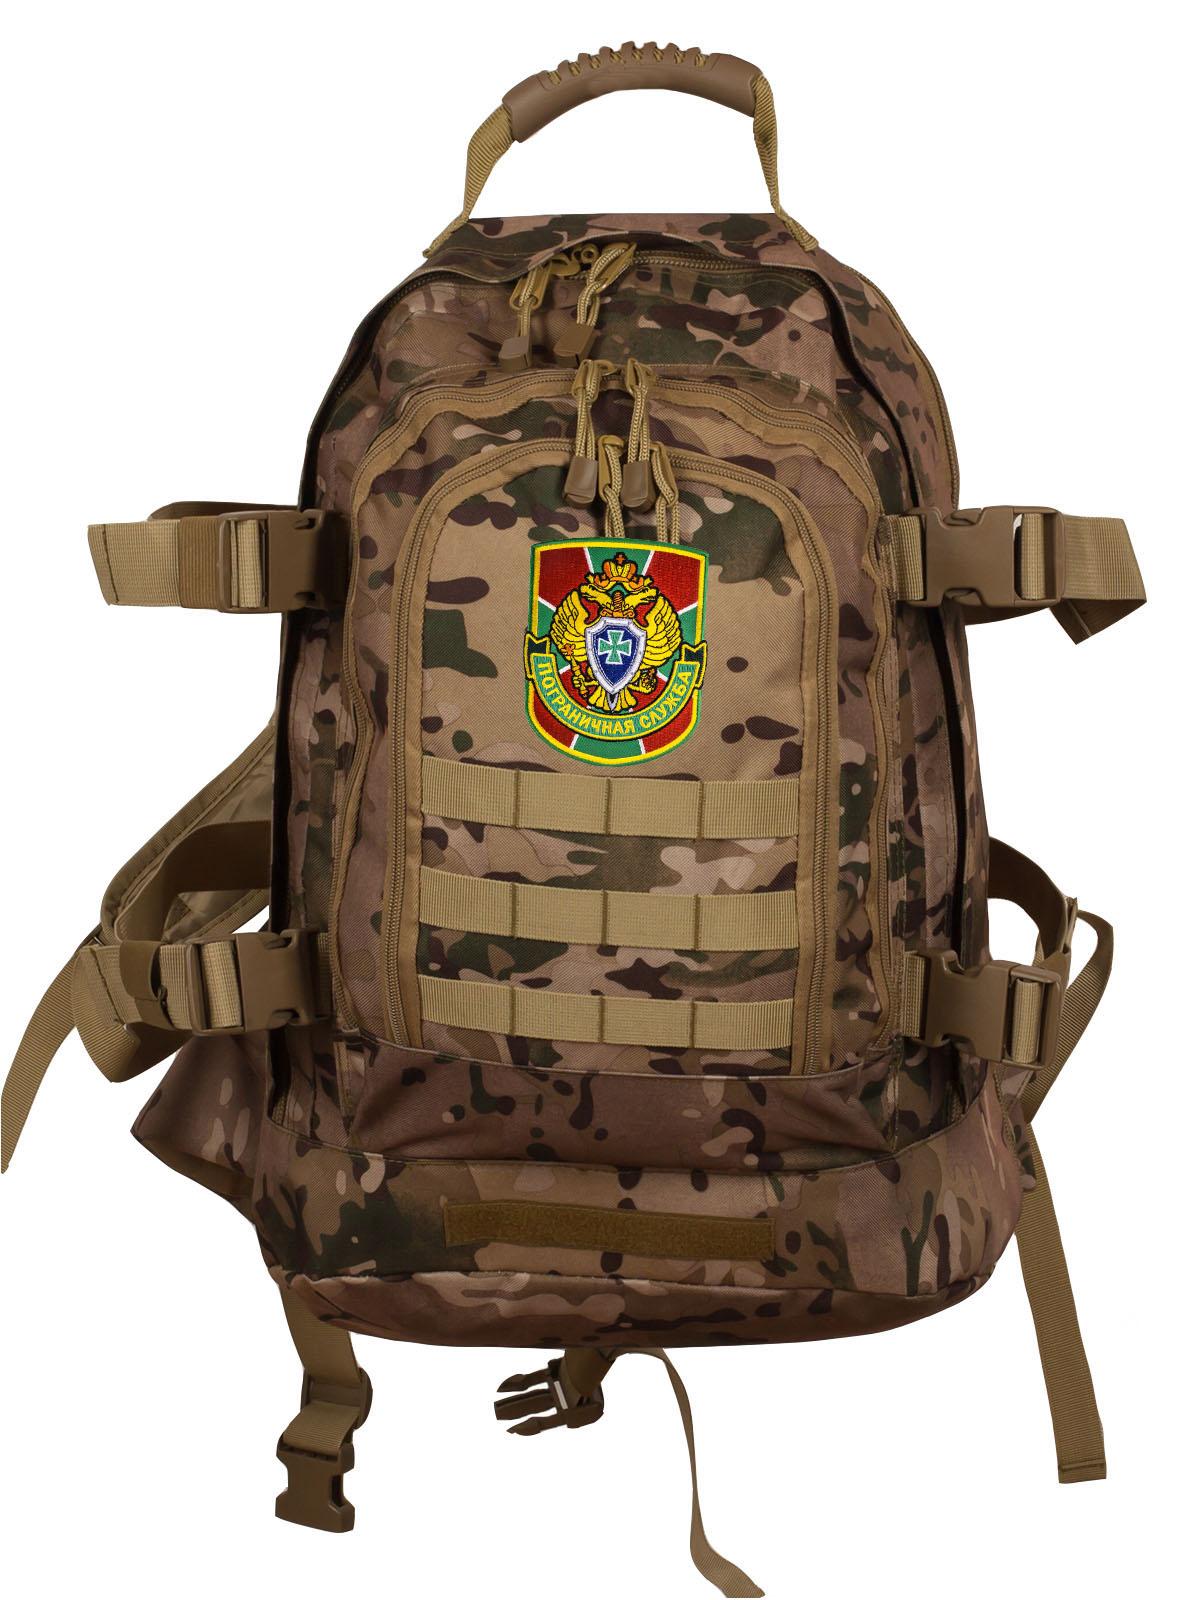 Тактический трехдневный рюкзак с нашивкой Пограничной службы - купить по выгодной цене